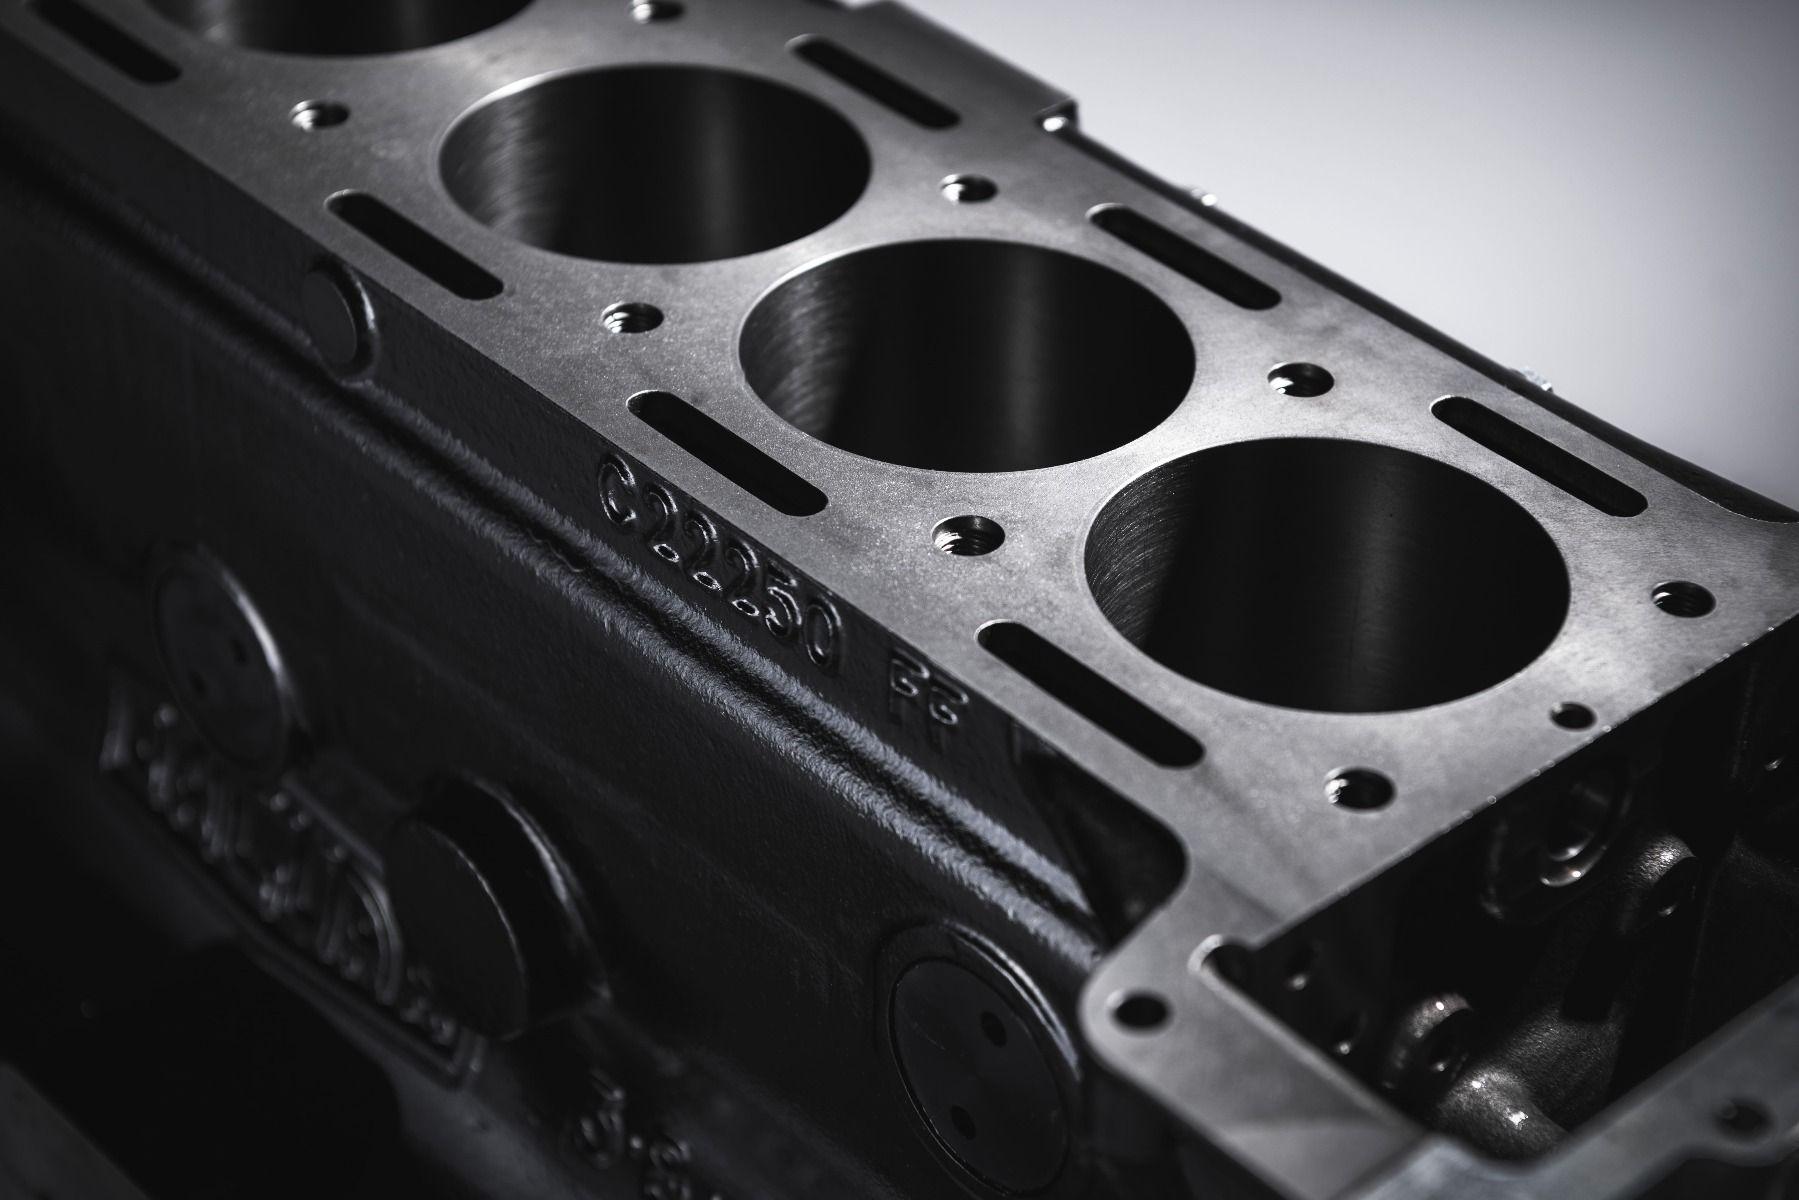 Jaguar XK engine-block-close-up